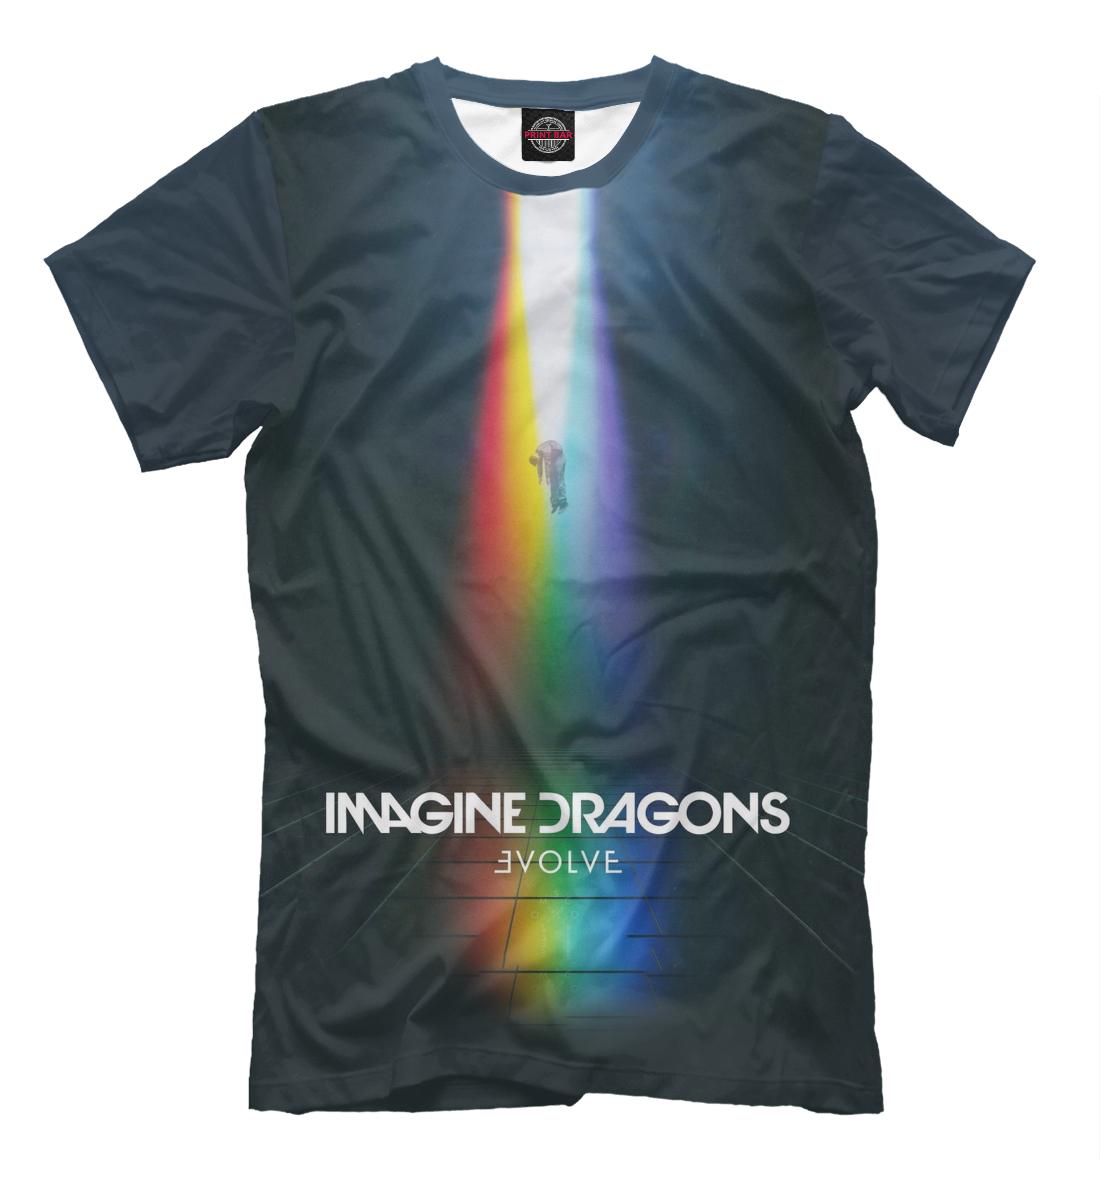 Купить Imagine Dragons, Printbar, Футболки, IMA-417104-fut-2